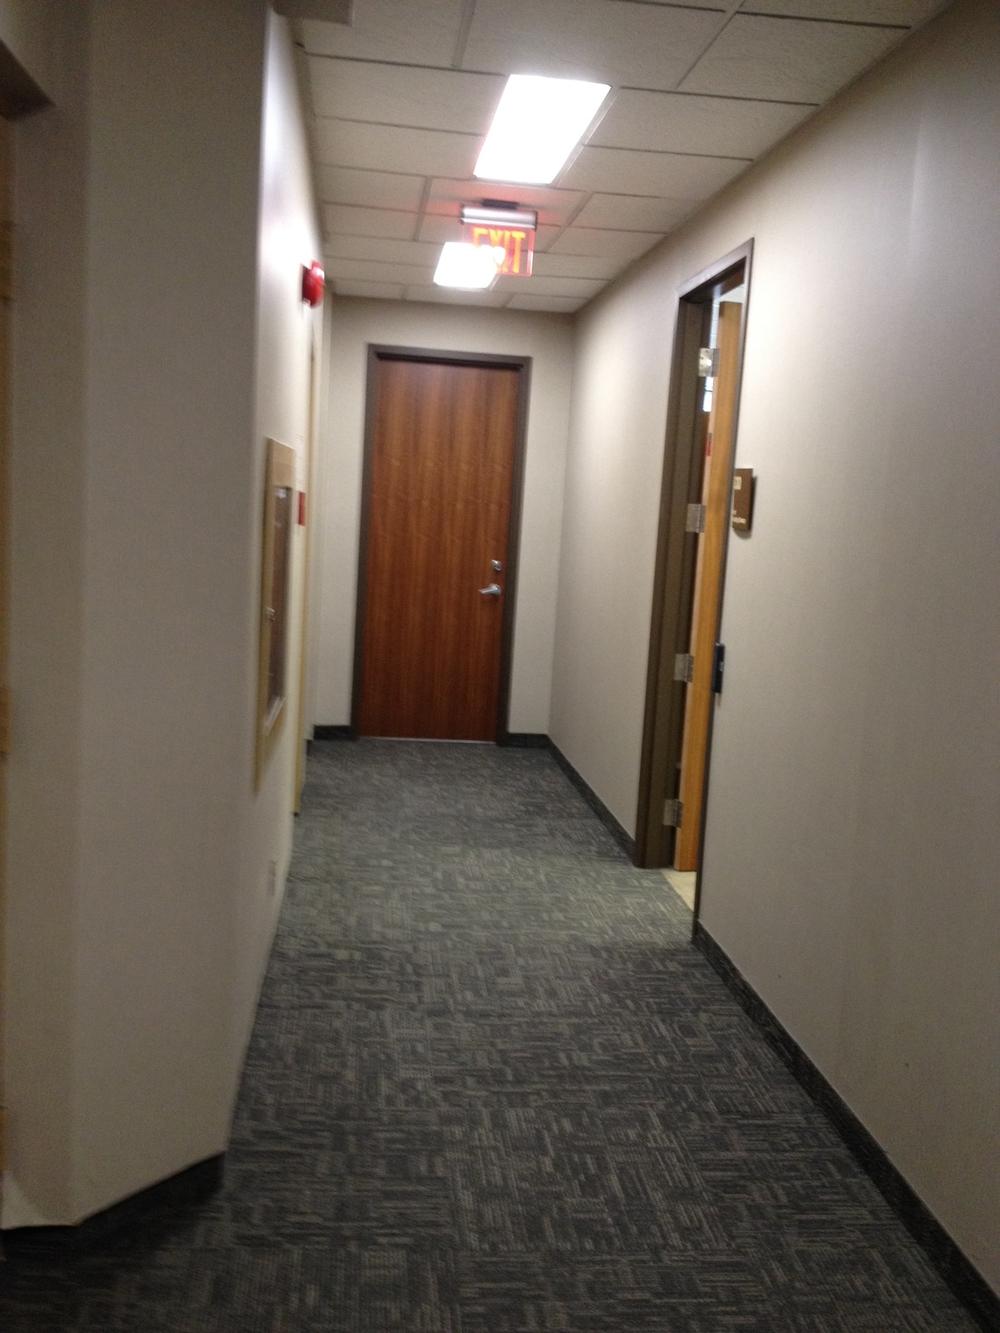 Before - Corridors